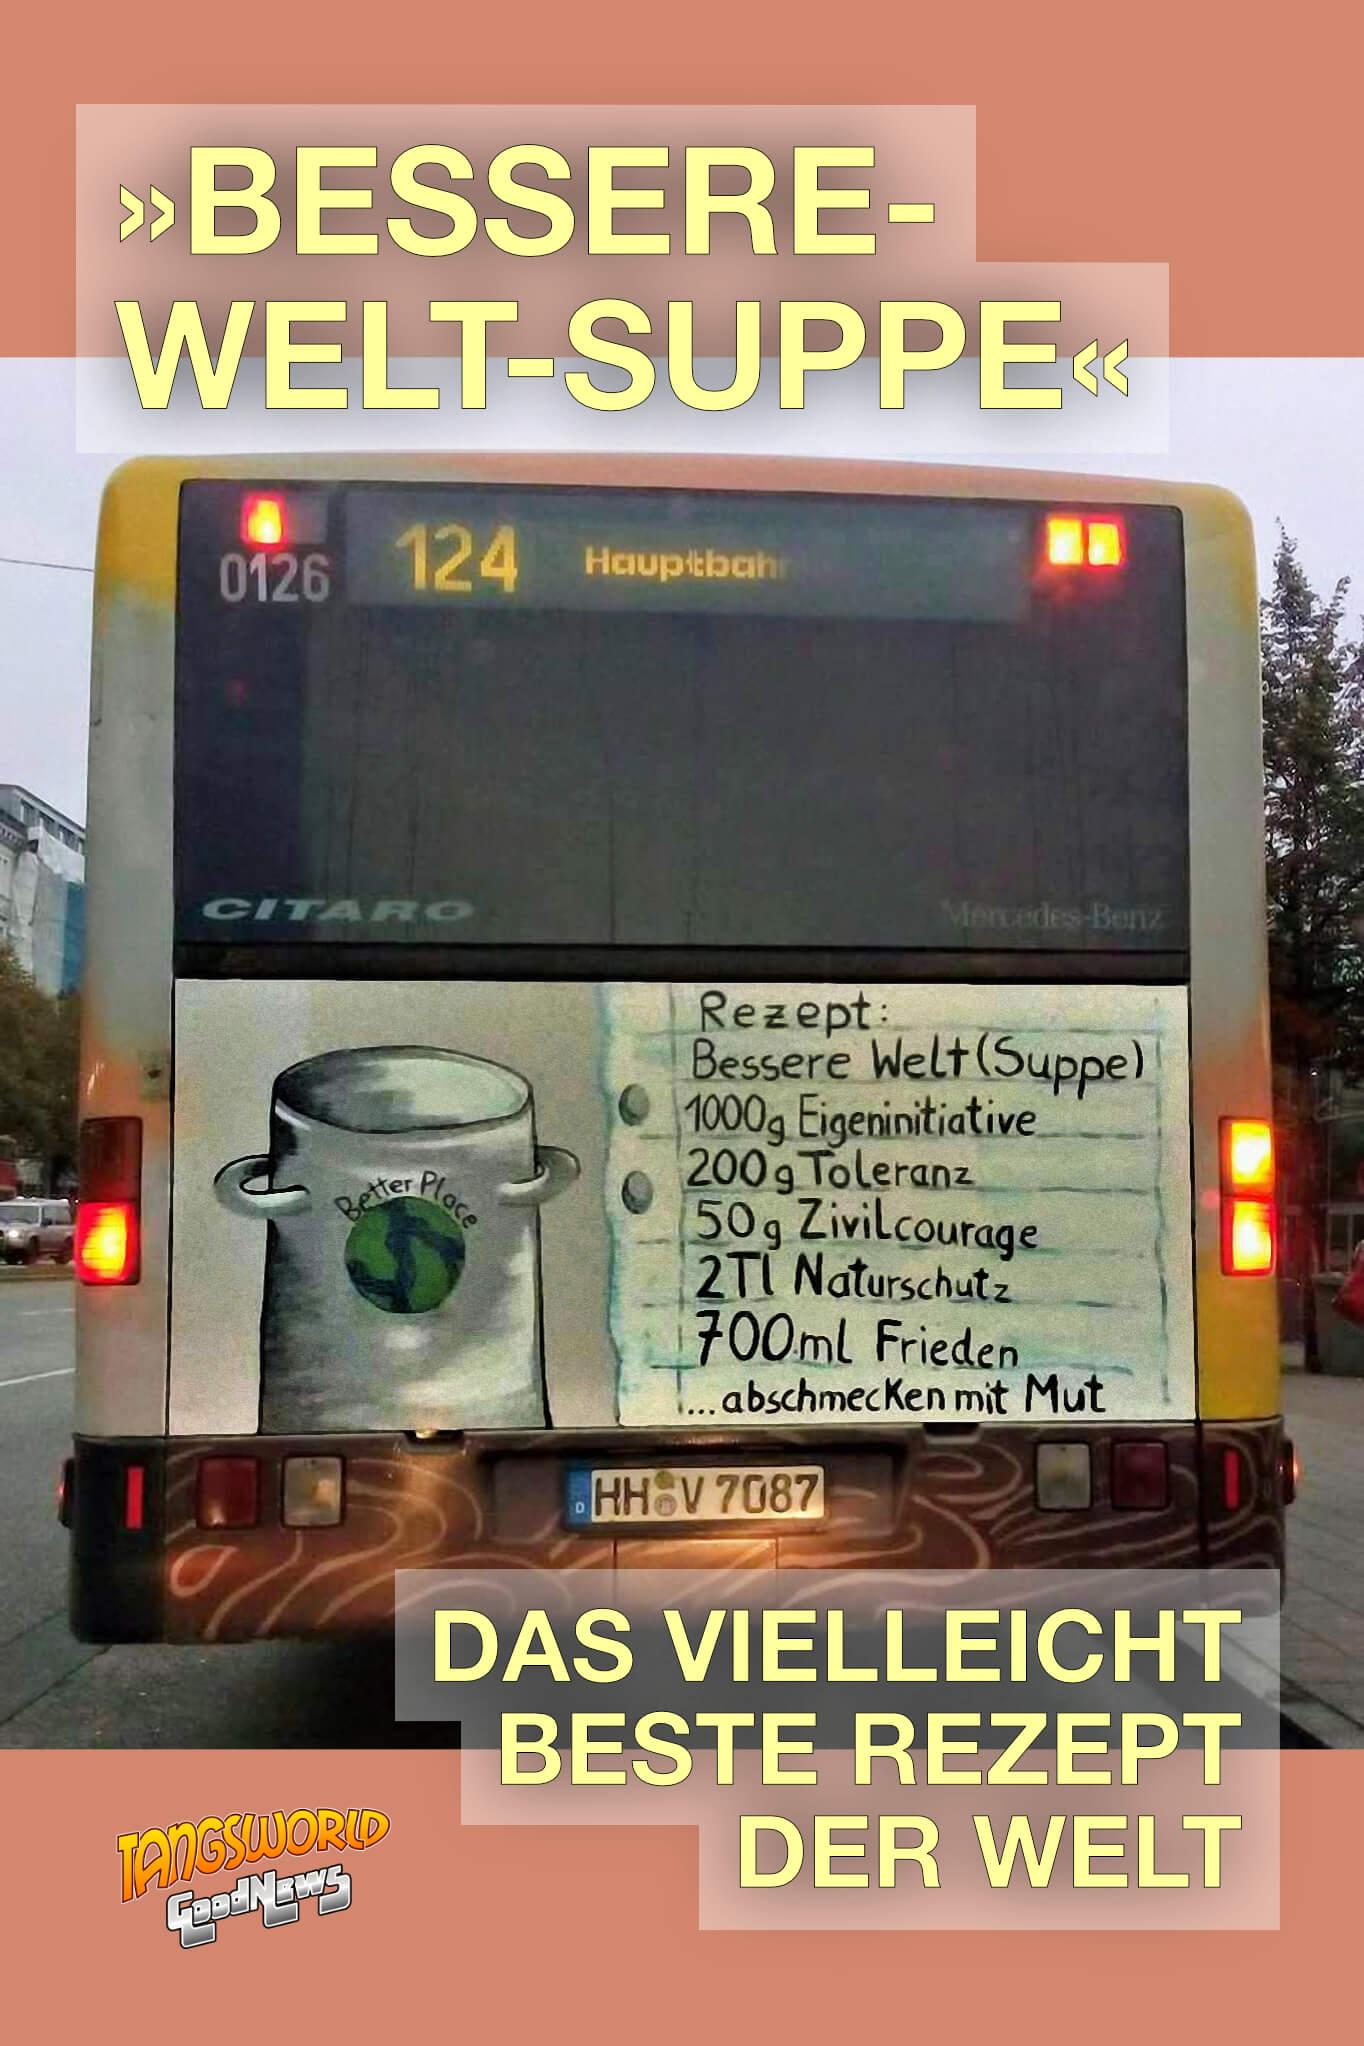 Rezept - Bessere-Welt-Suppe: 1000g Eigeninitiative, 200g Toleranz, 50g Zivilcourage, 2 Tl Naturschutz, 700ml Frieden. … Abschmecken mit Mut. - GoodNews